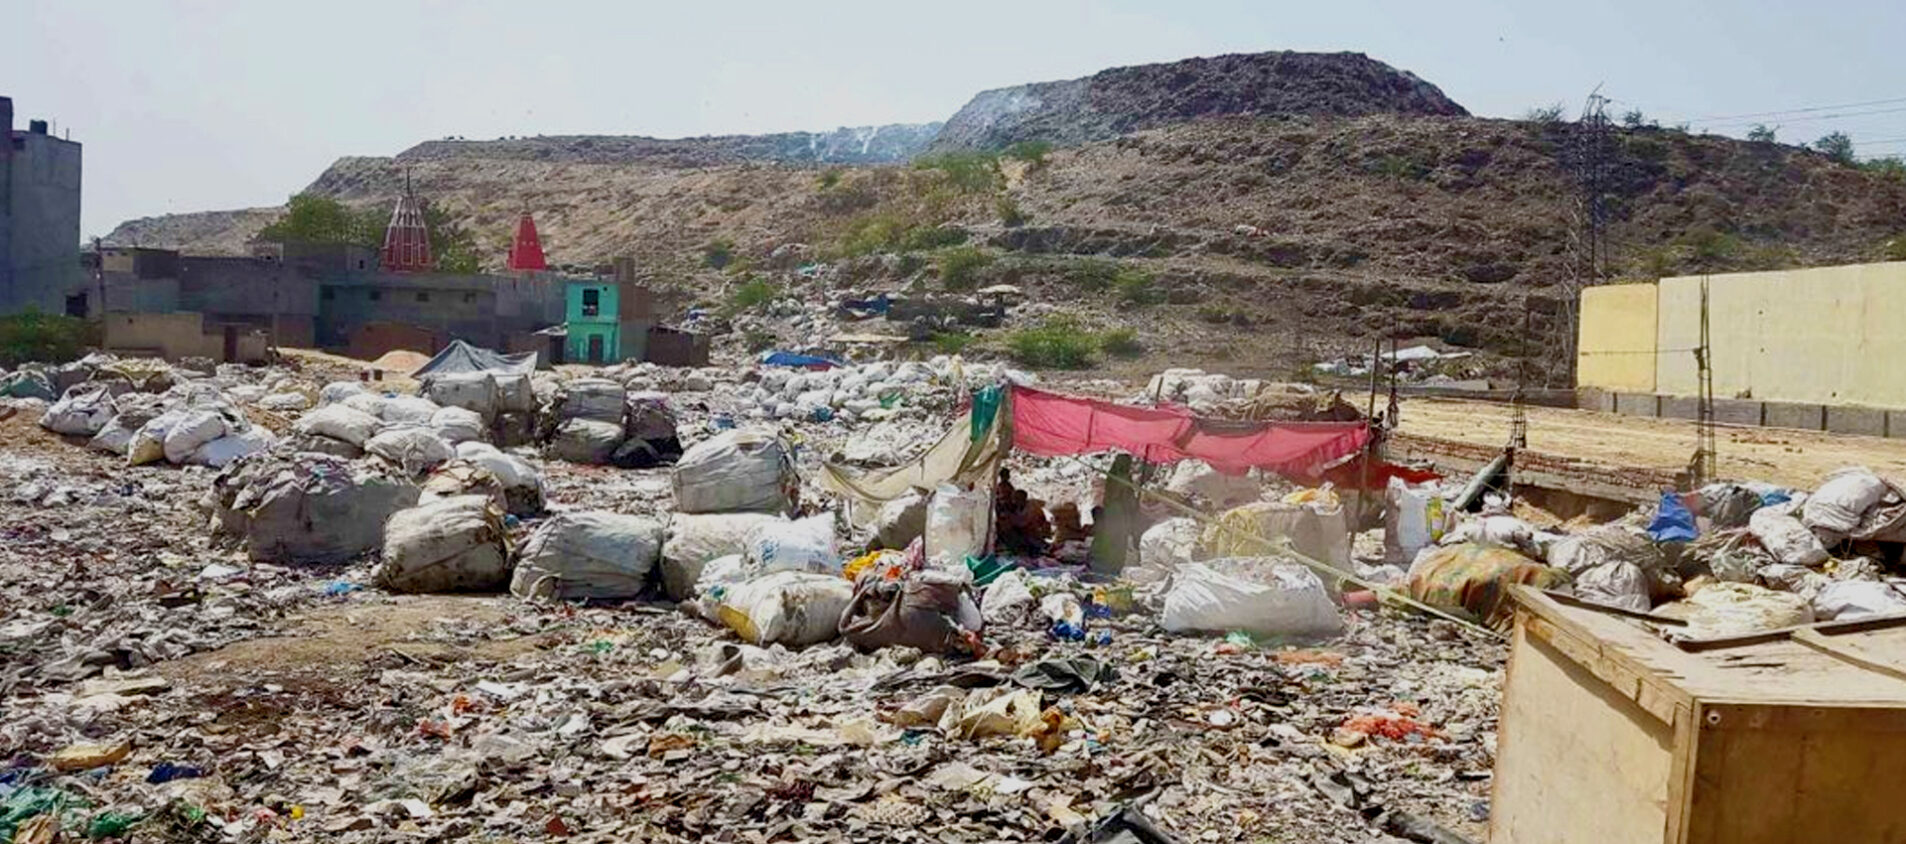 Sakir bor vid en soptipp och hans familj lever av att sälja det som slängs där. Ut ur soporna rinner gifter som smutsar ner vatten och natur. Det är farligt att leva där.